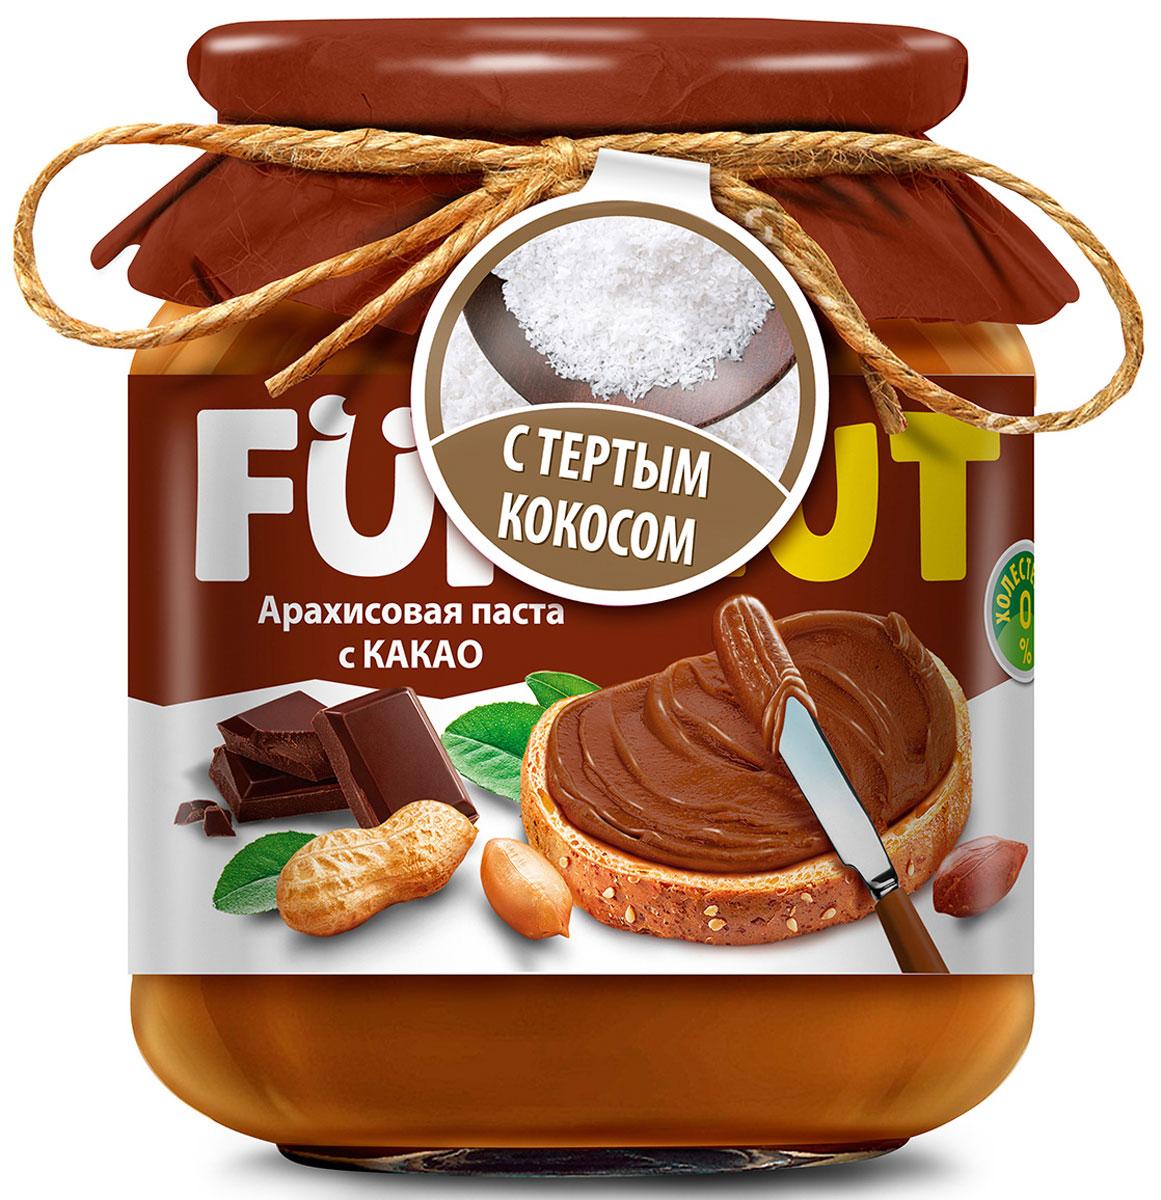 Funnat Арахисовая паста с какао с добавлением кокоса, 340 г4607125989812Арахисовая паста Funnat давно и широко распространена в США и вВеликобритании. Эта ореховая паста приготовлена из поджаренного арахиса, нежной текстуры. Благодаря содержанию легкоусвояемых белков и жиров, арахисовая паста может конкурировать по питательности с продуктами животного происхождения. Она сытная и полезная, и в то же время препятствует перееданию.